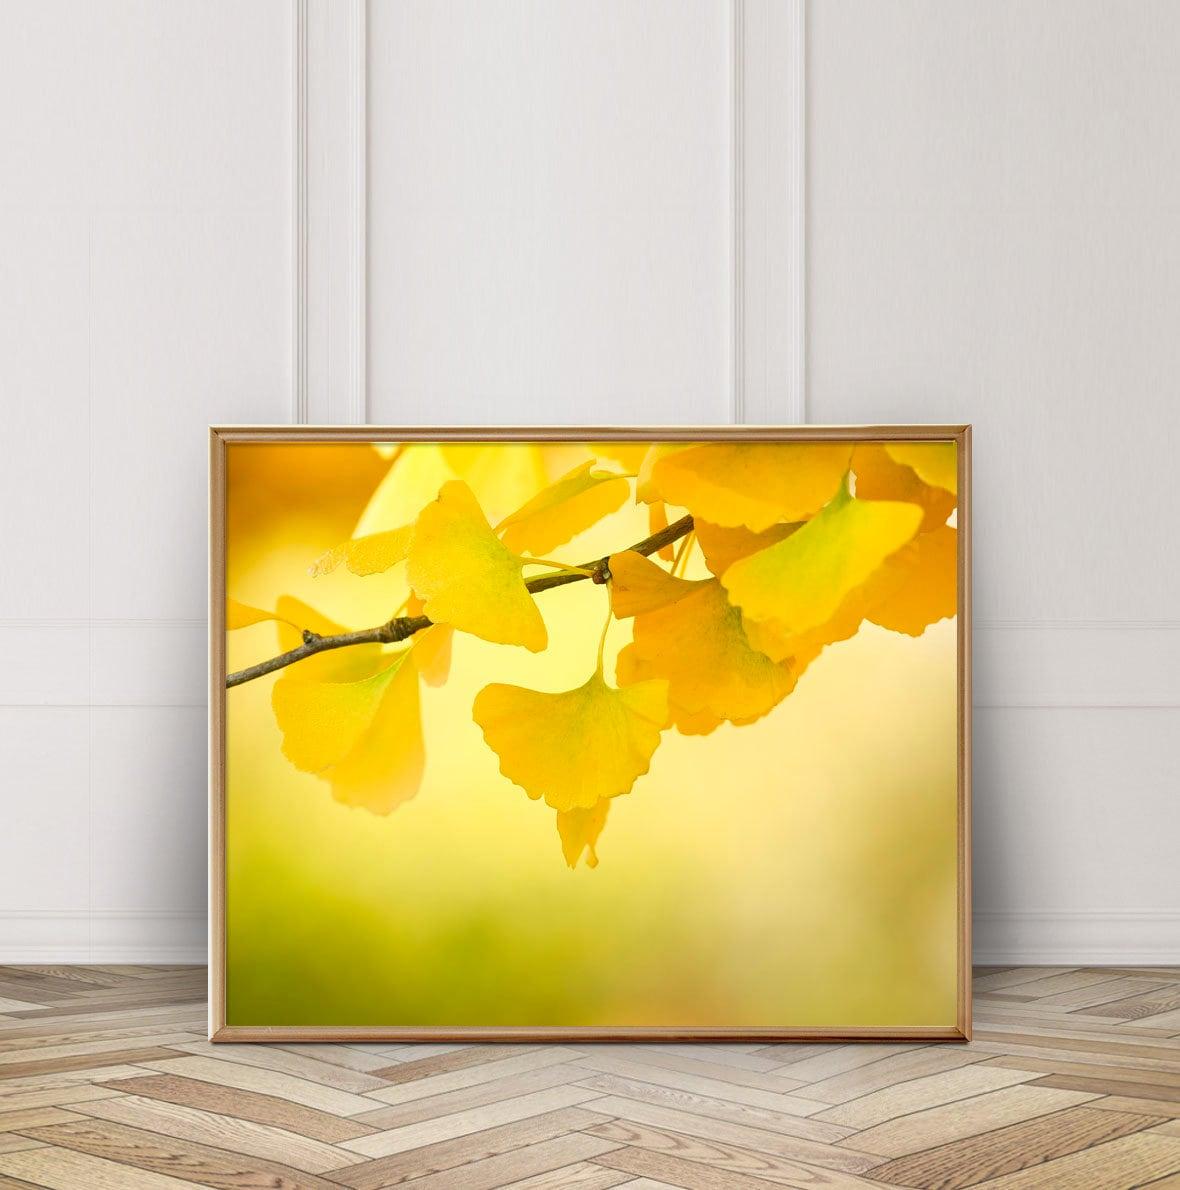 Golden Ginkgo Leaves Photo Digital Download Instant | Etsy